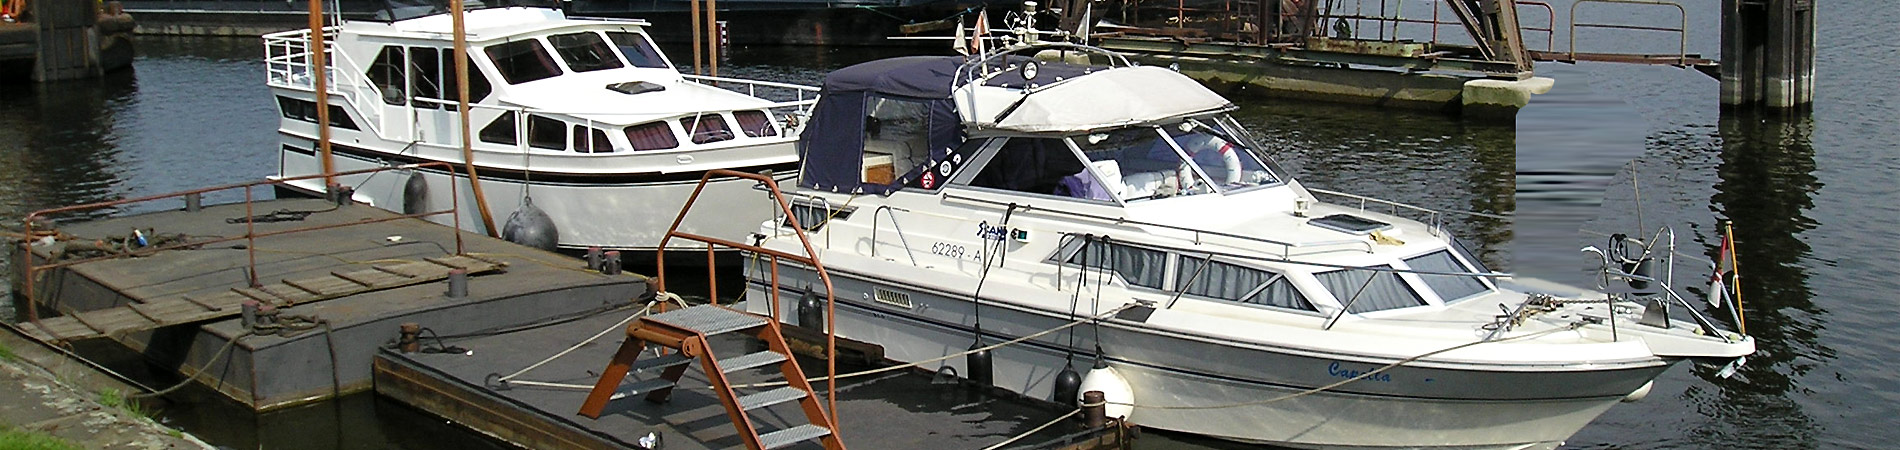 Yachtservice Meidericher Schiffswerft MSW Duisburg - Standort